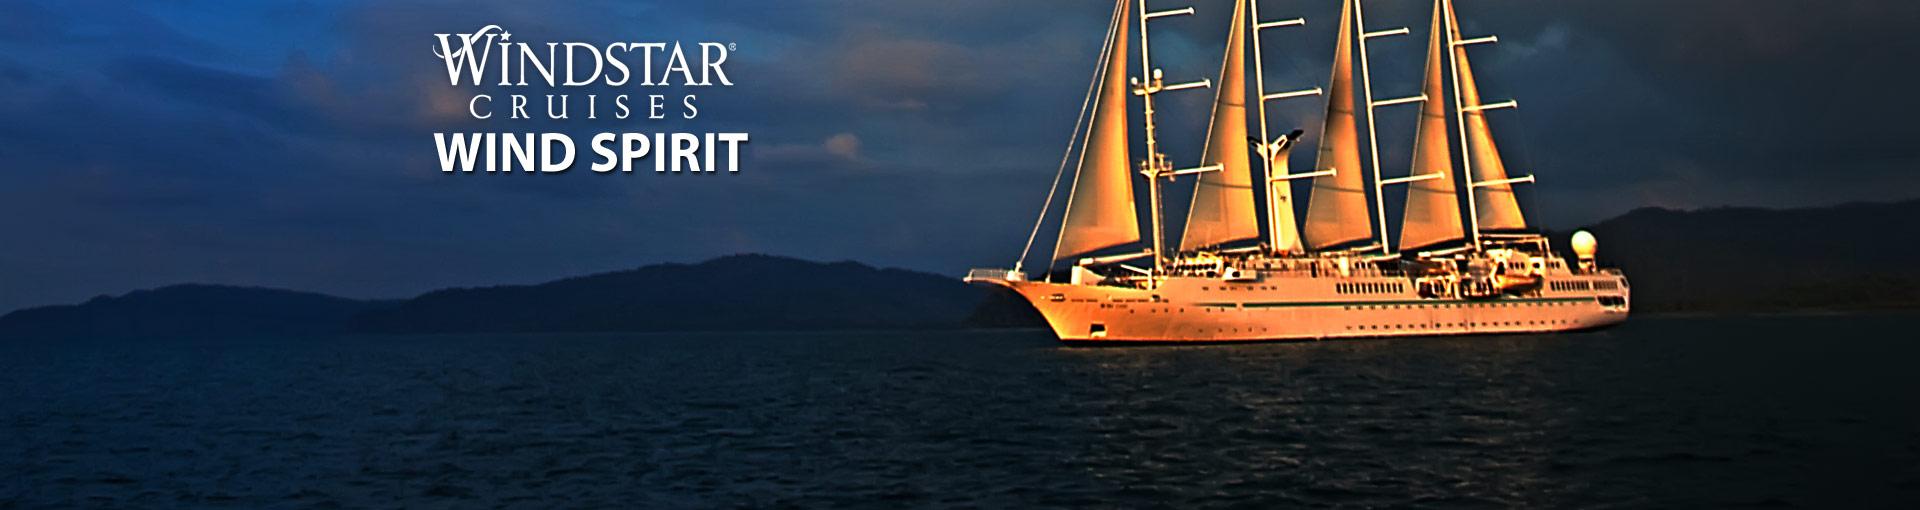 Windstar Cruises Wind Spirit Cruise Ship